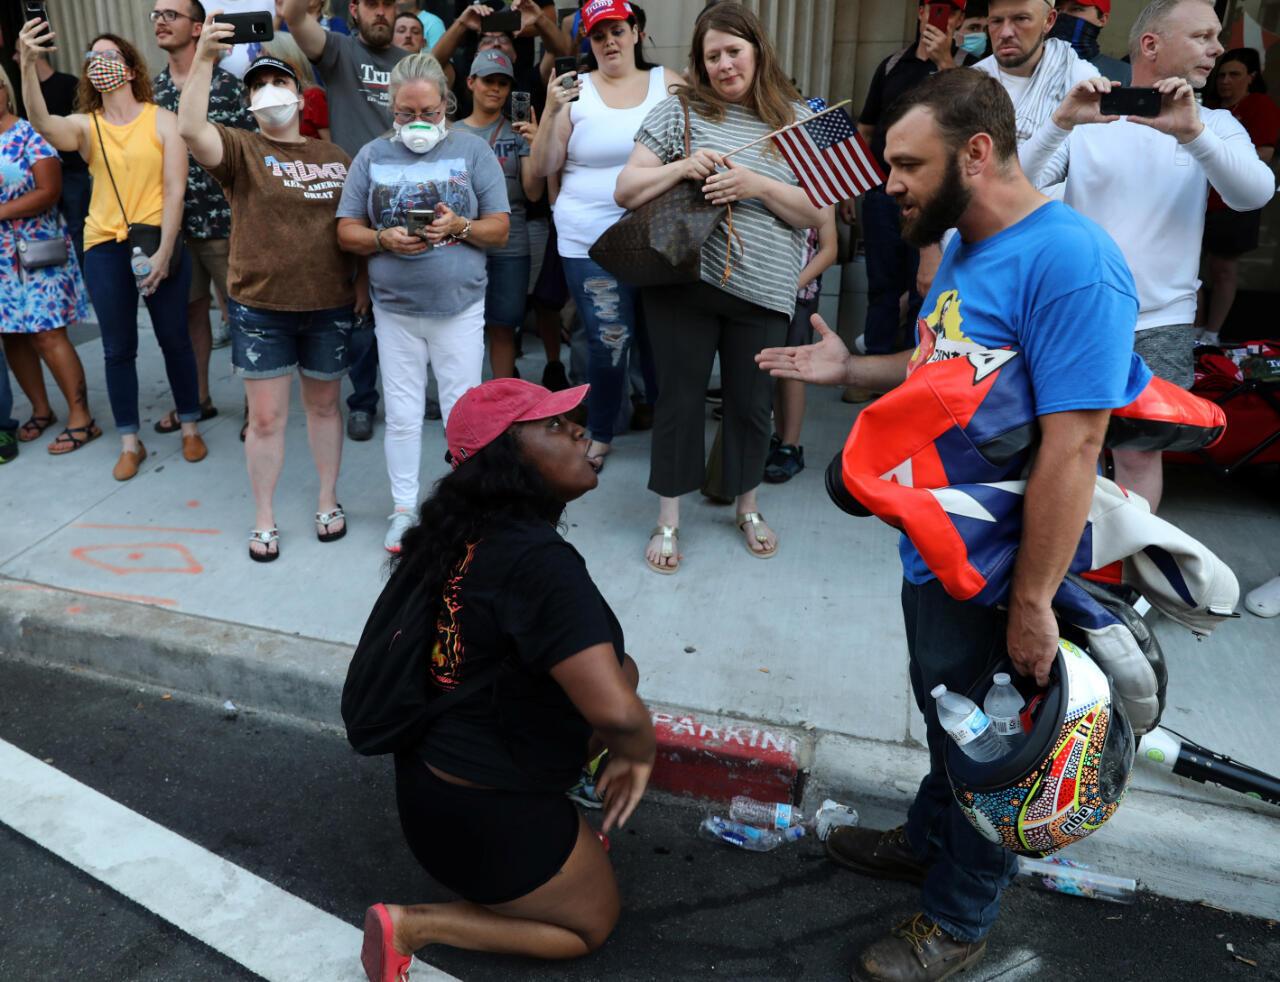 Un manifestante (frente L) discute con un partidario del presidente de los Estados Unidos, Donald Trump, fuera del lugar de la manifestación de Trump en Tulsa, Oklahoma, EE. UU., el 20 de junio de 2020.